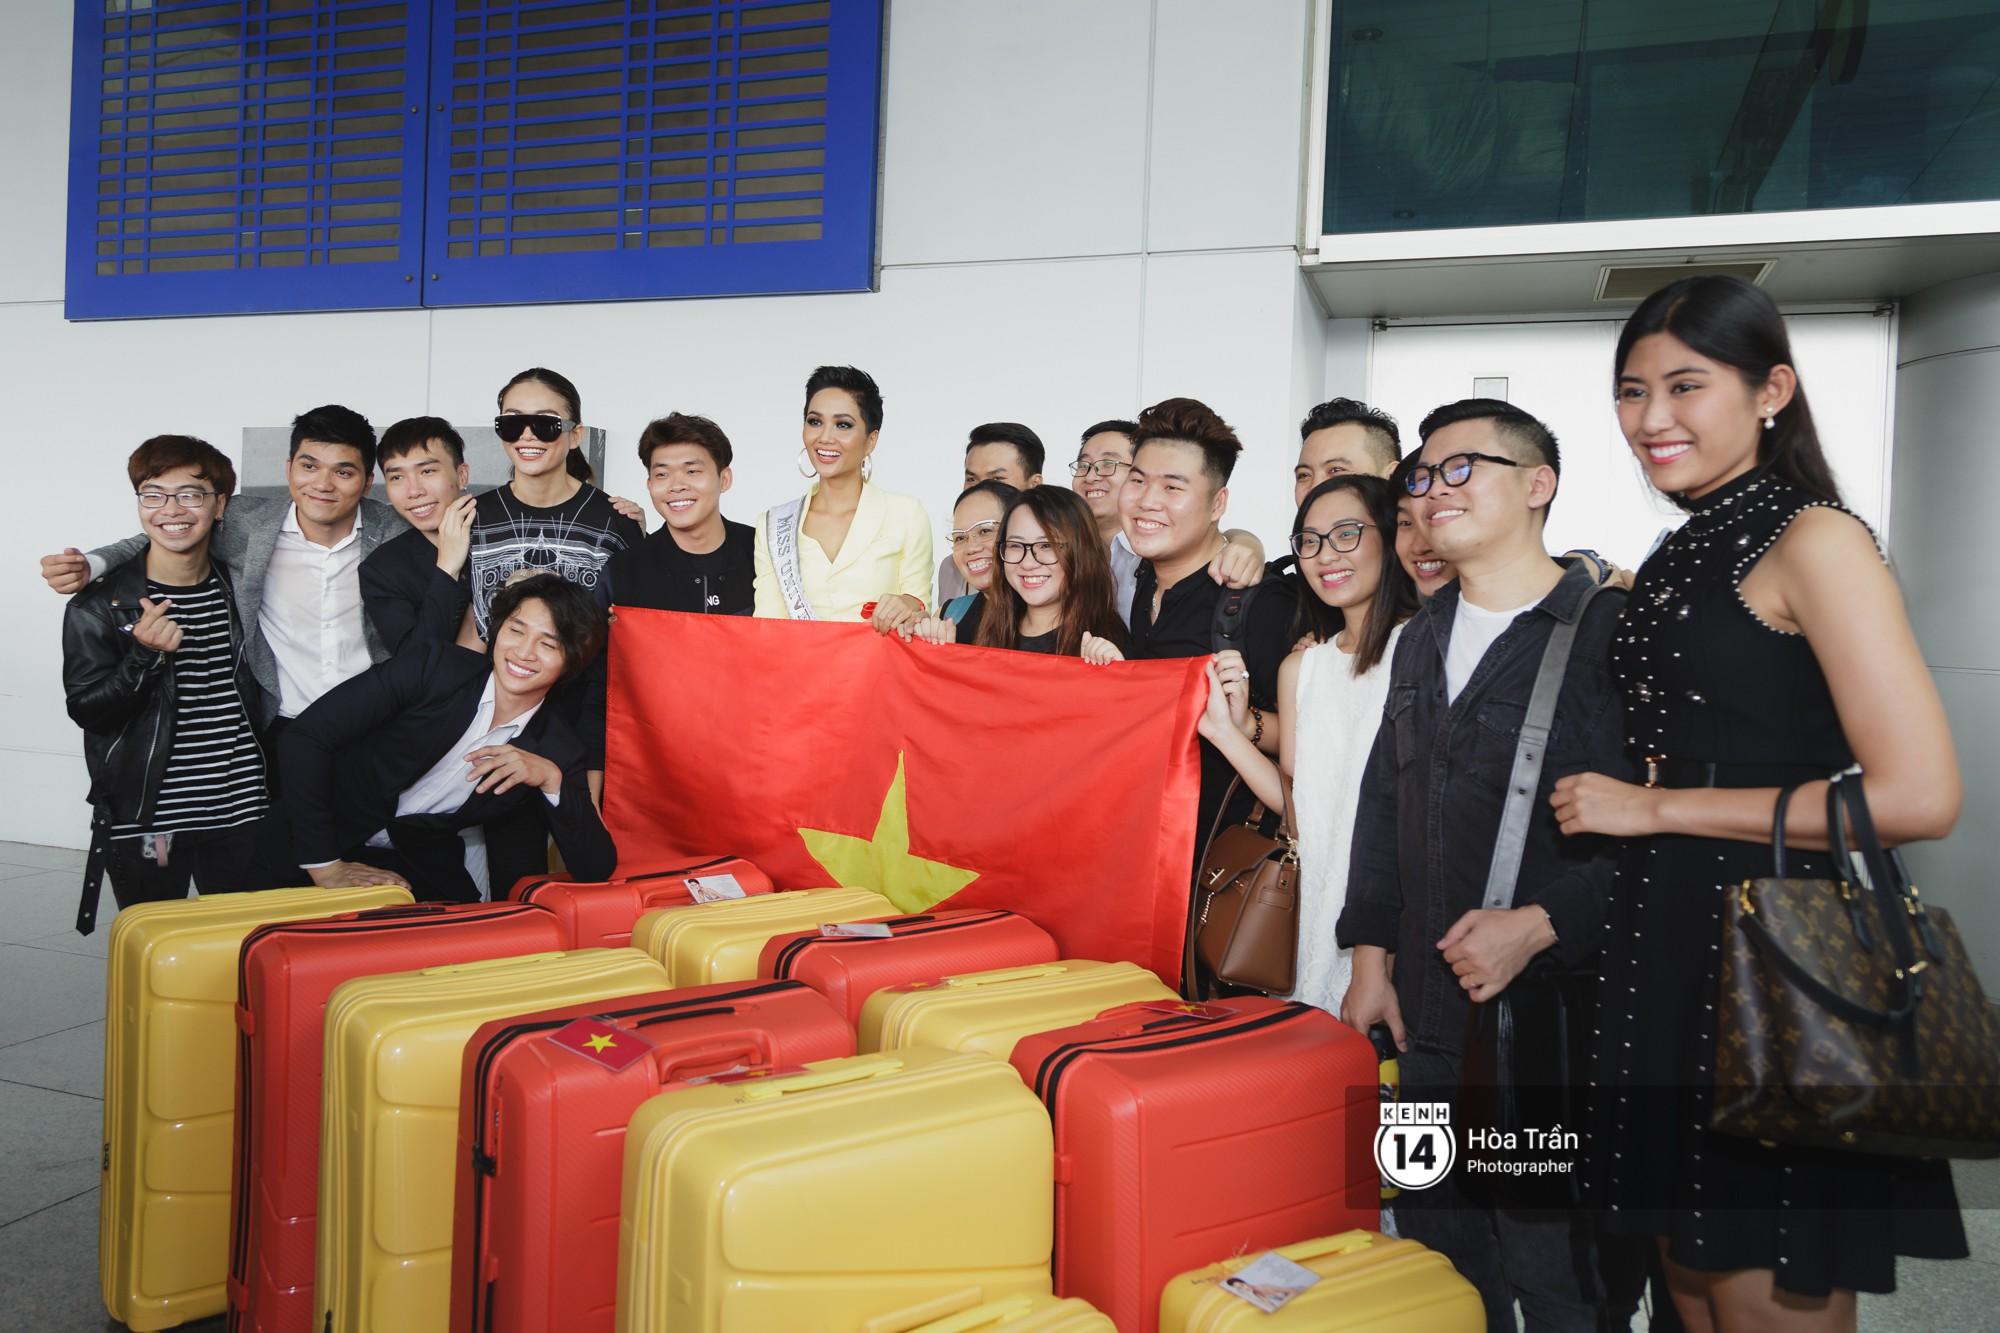 Gia đình HHen Niê diện trang phục người Ê-Đê, tiễn chân con gái bản làng đến Thái tham dự Miss Universe - Ảnh 14.